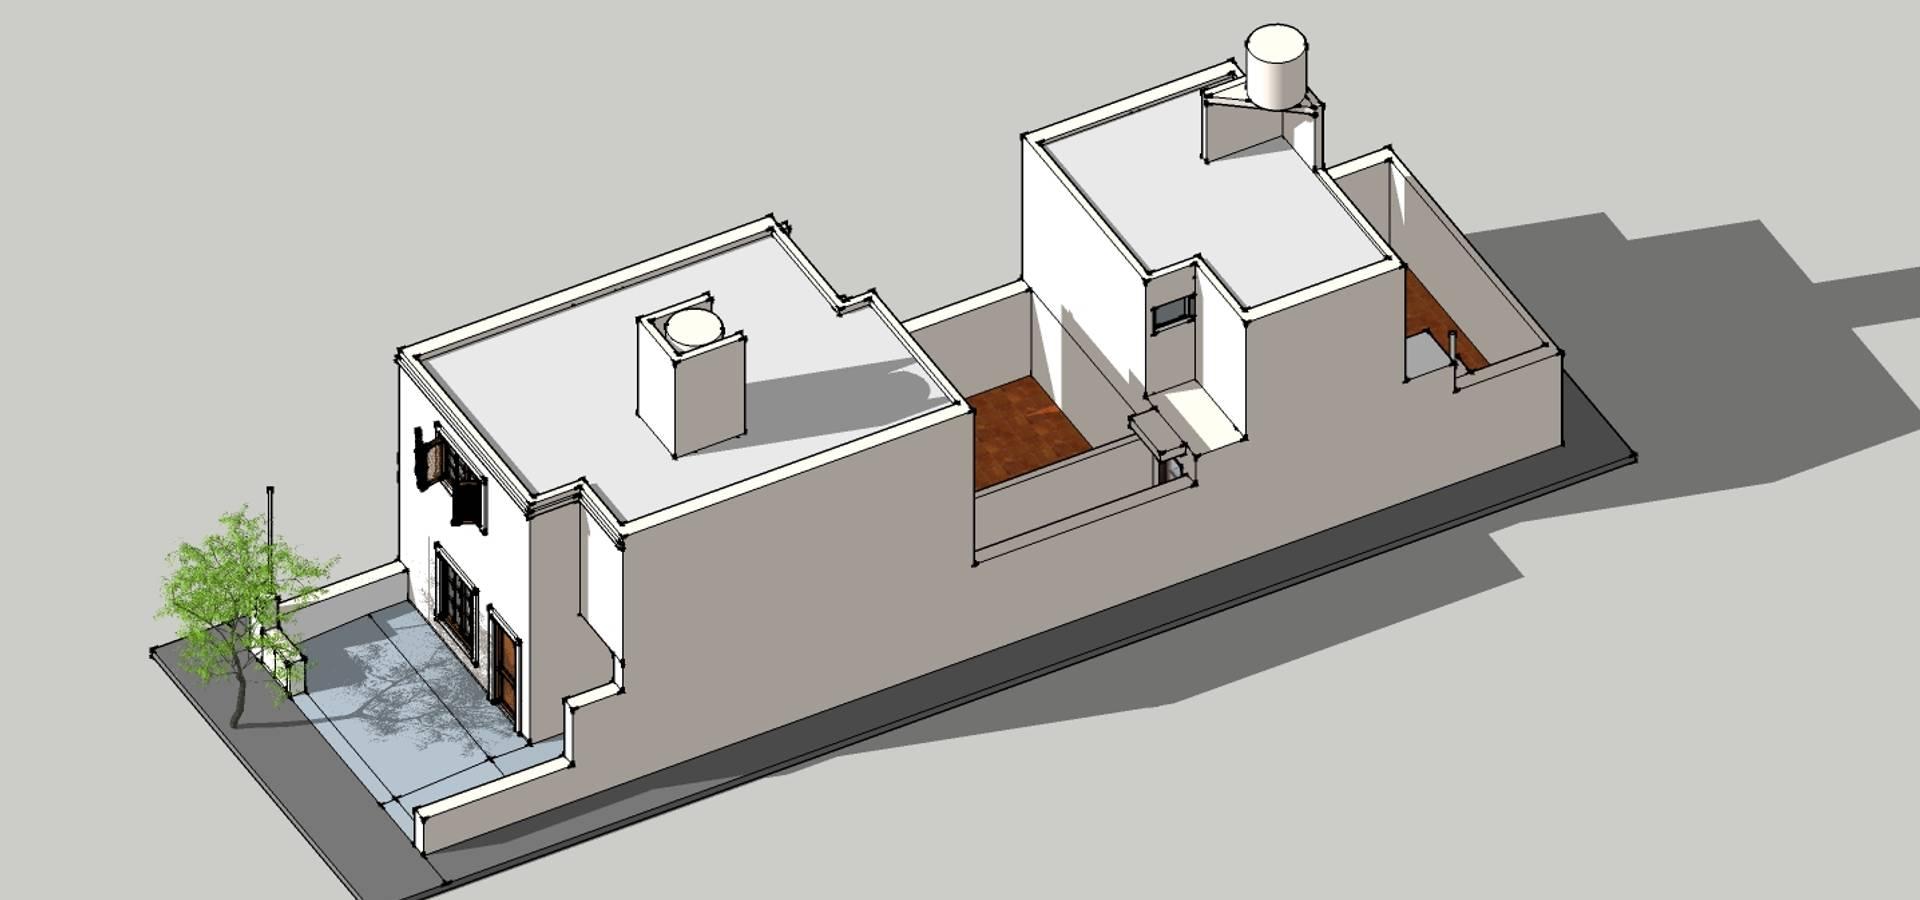 arq5912  Arquitectura y Construcción